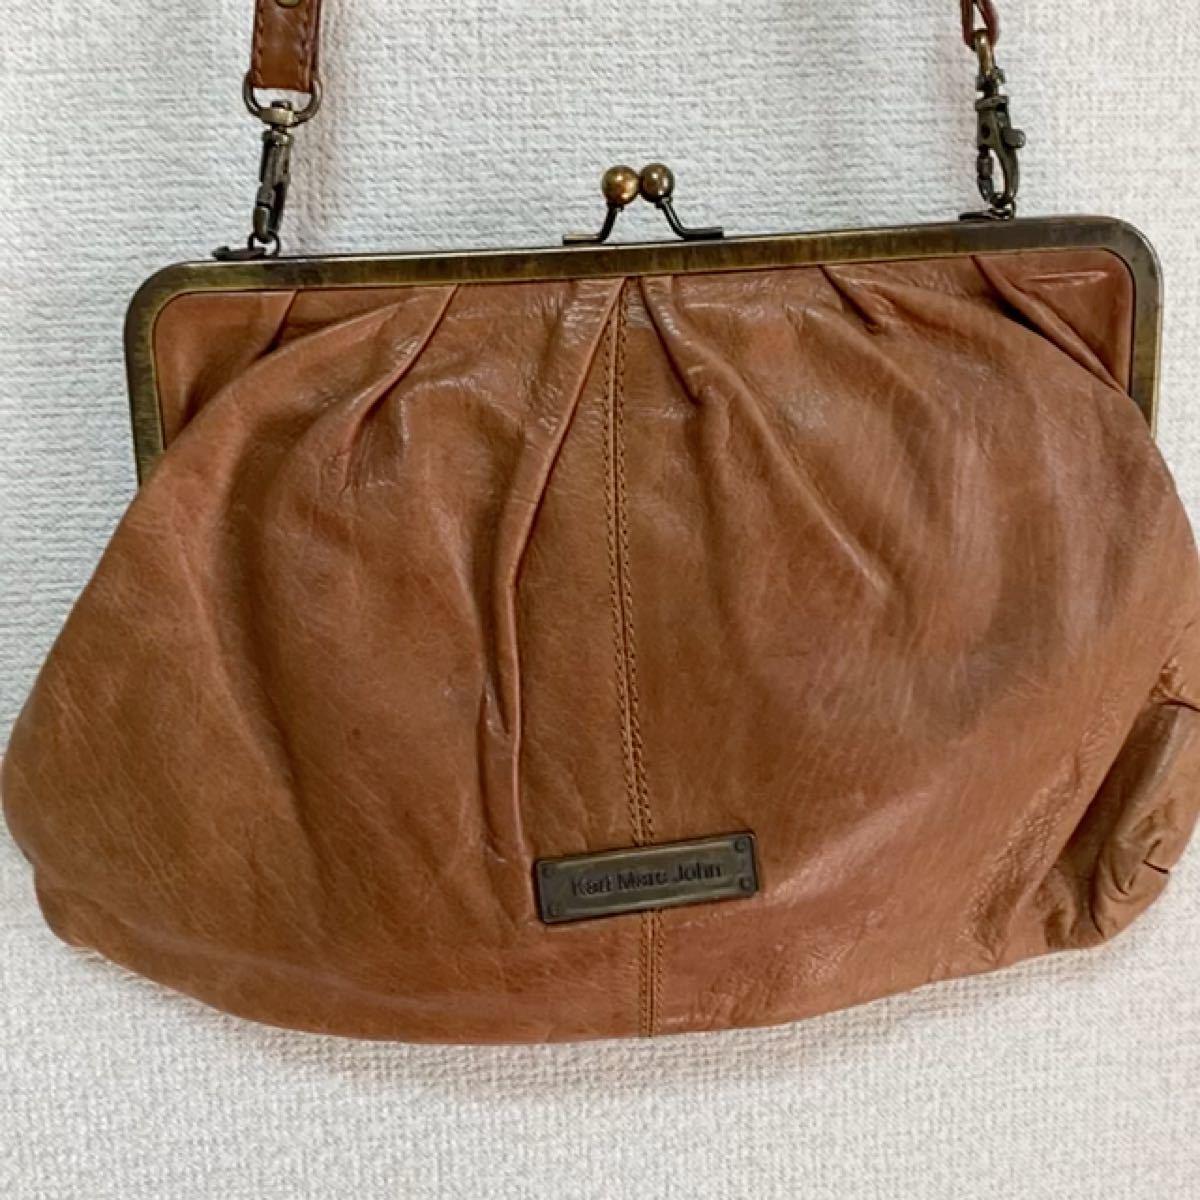 vintage フランス製 本革  クラッチバッグ がま口 ショルダーバッグ ハンドバッグ ヴィンテージ ショルダーバック